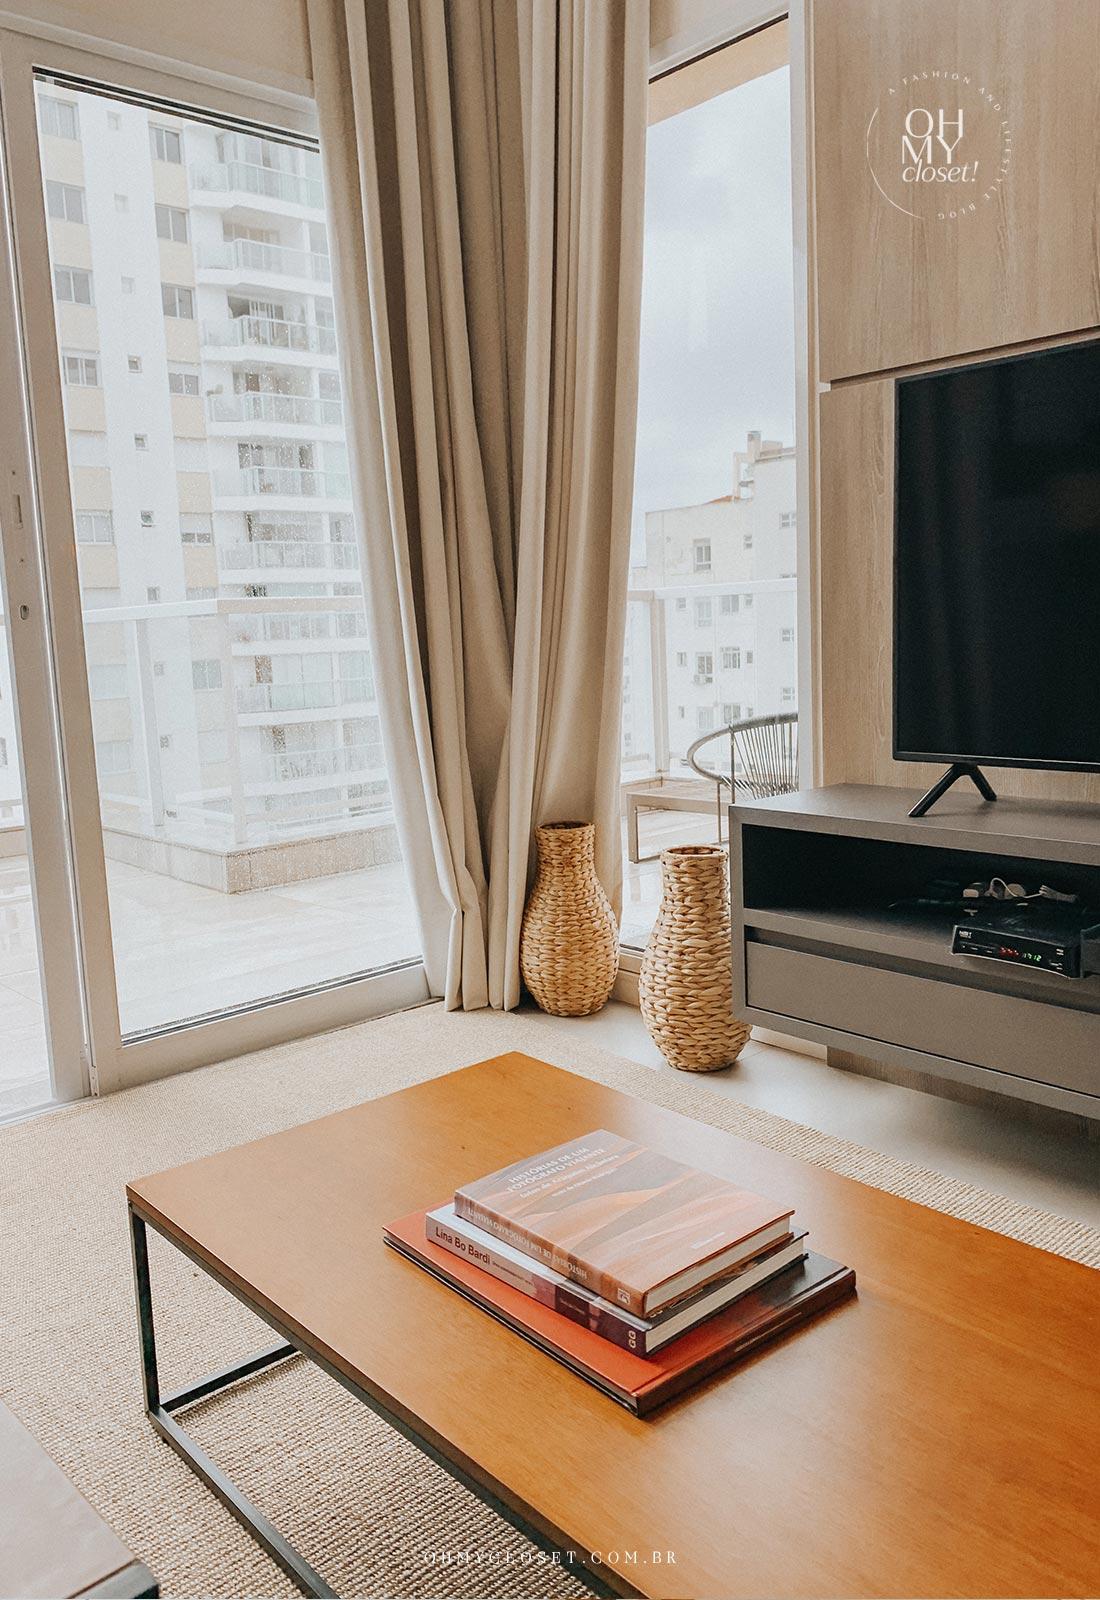 Mesa de centro e tv, com vista da varanda duplex Airbnb.